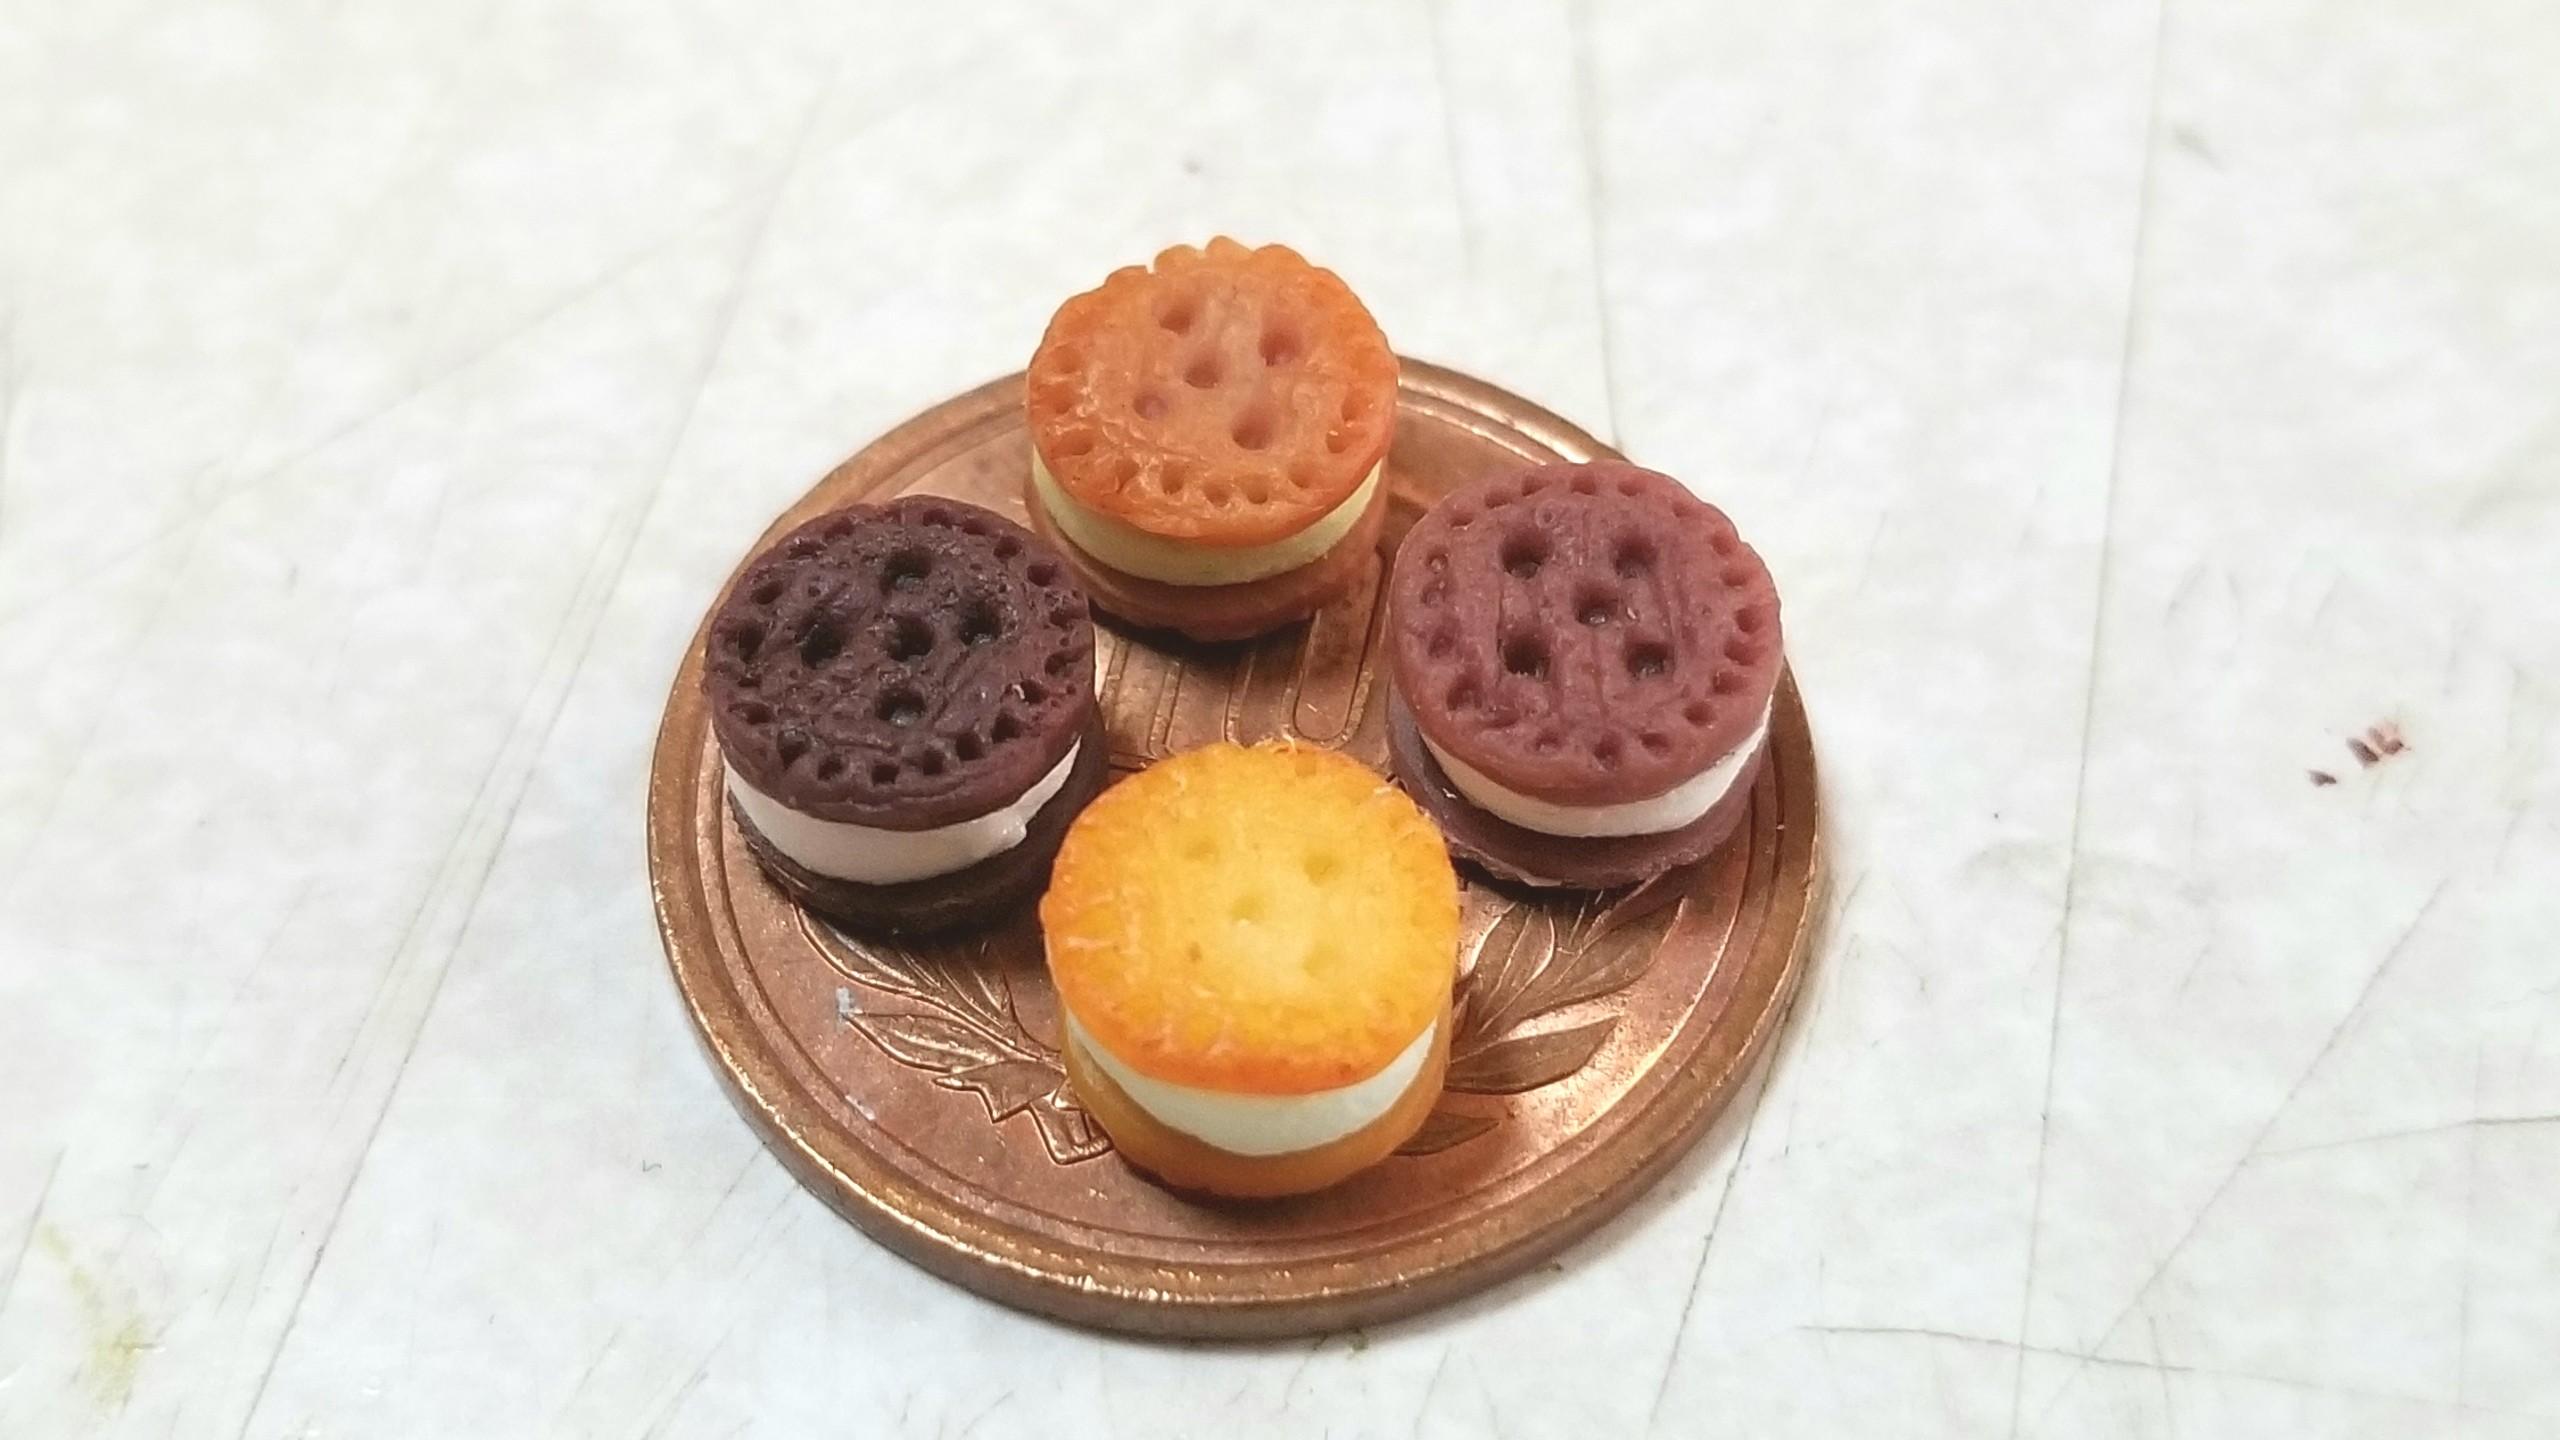 クッキーサンドアイスクリーム,ミニチュア,樹脂粘土,ドールハウス